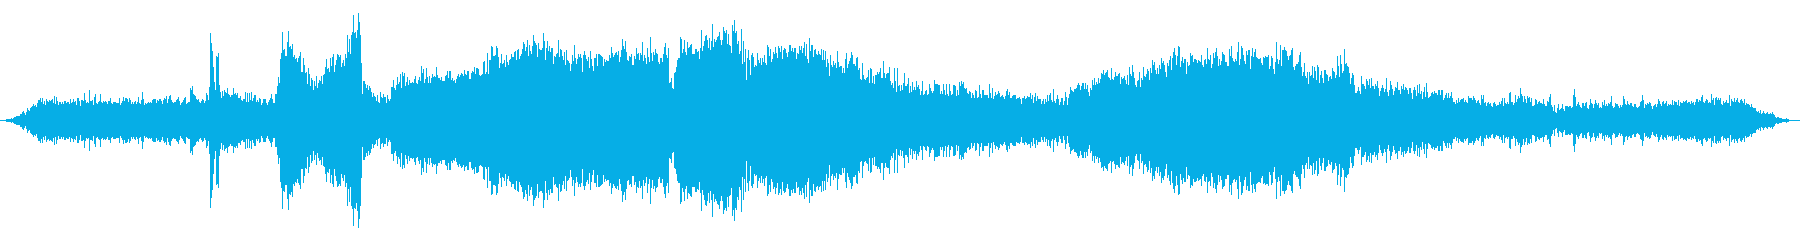 1917ダッジ:Int:アイドル、...の再生済みの波形